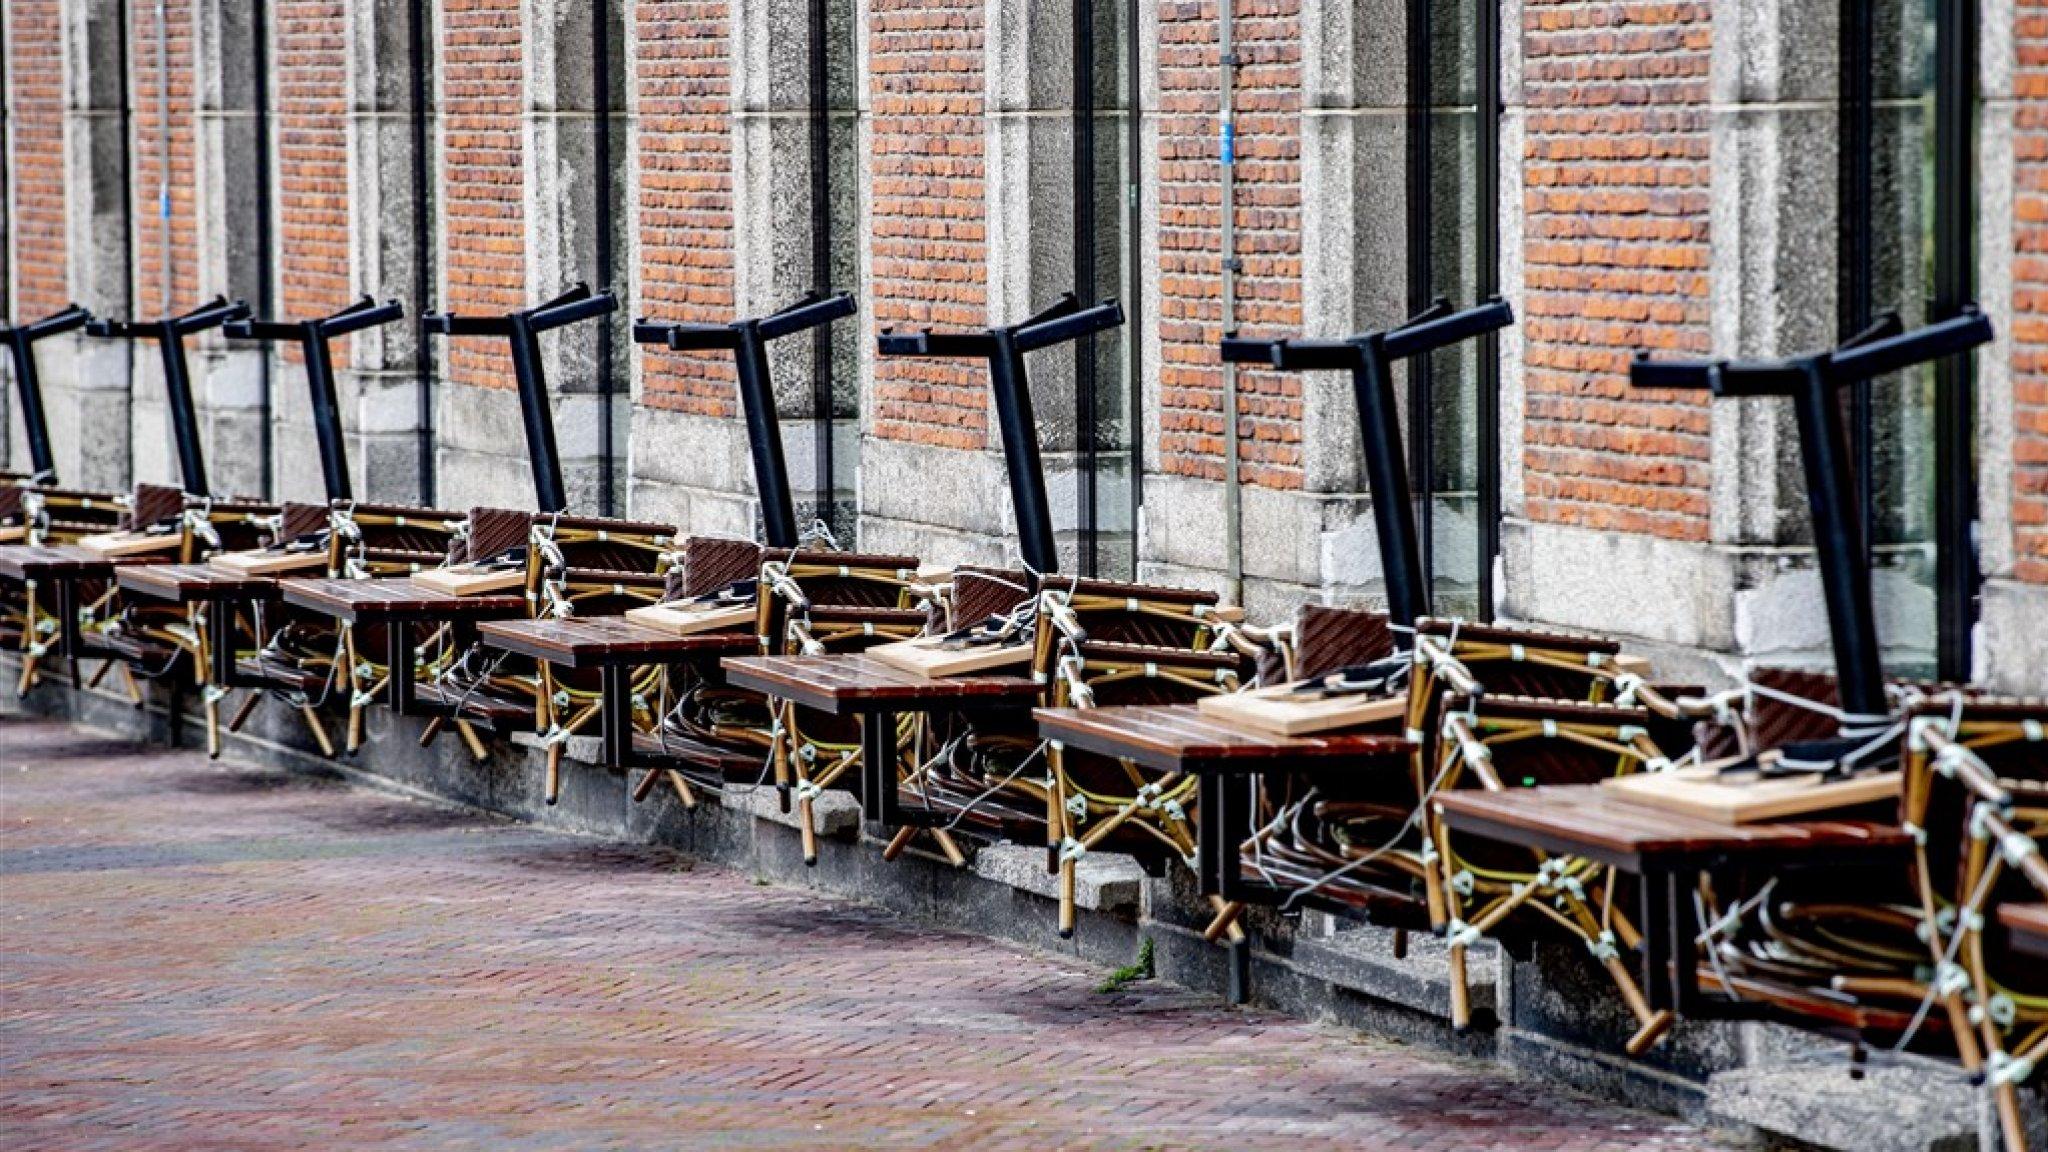 Burgemeesters grote steden doen dringende oproep: open de terrassen